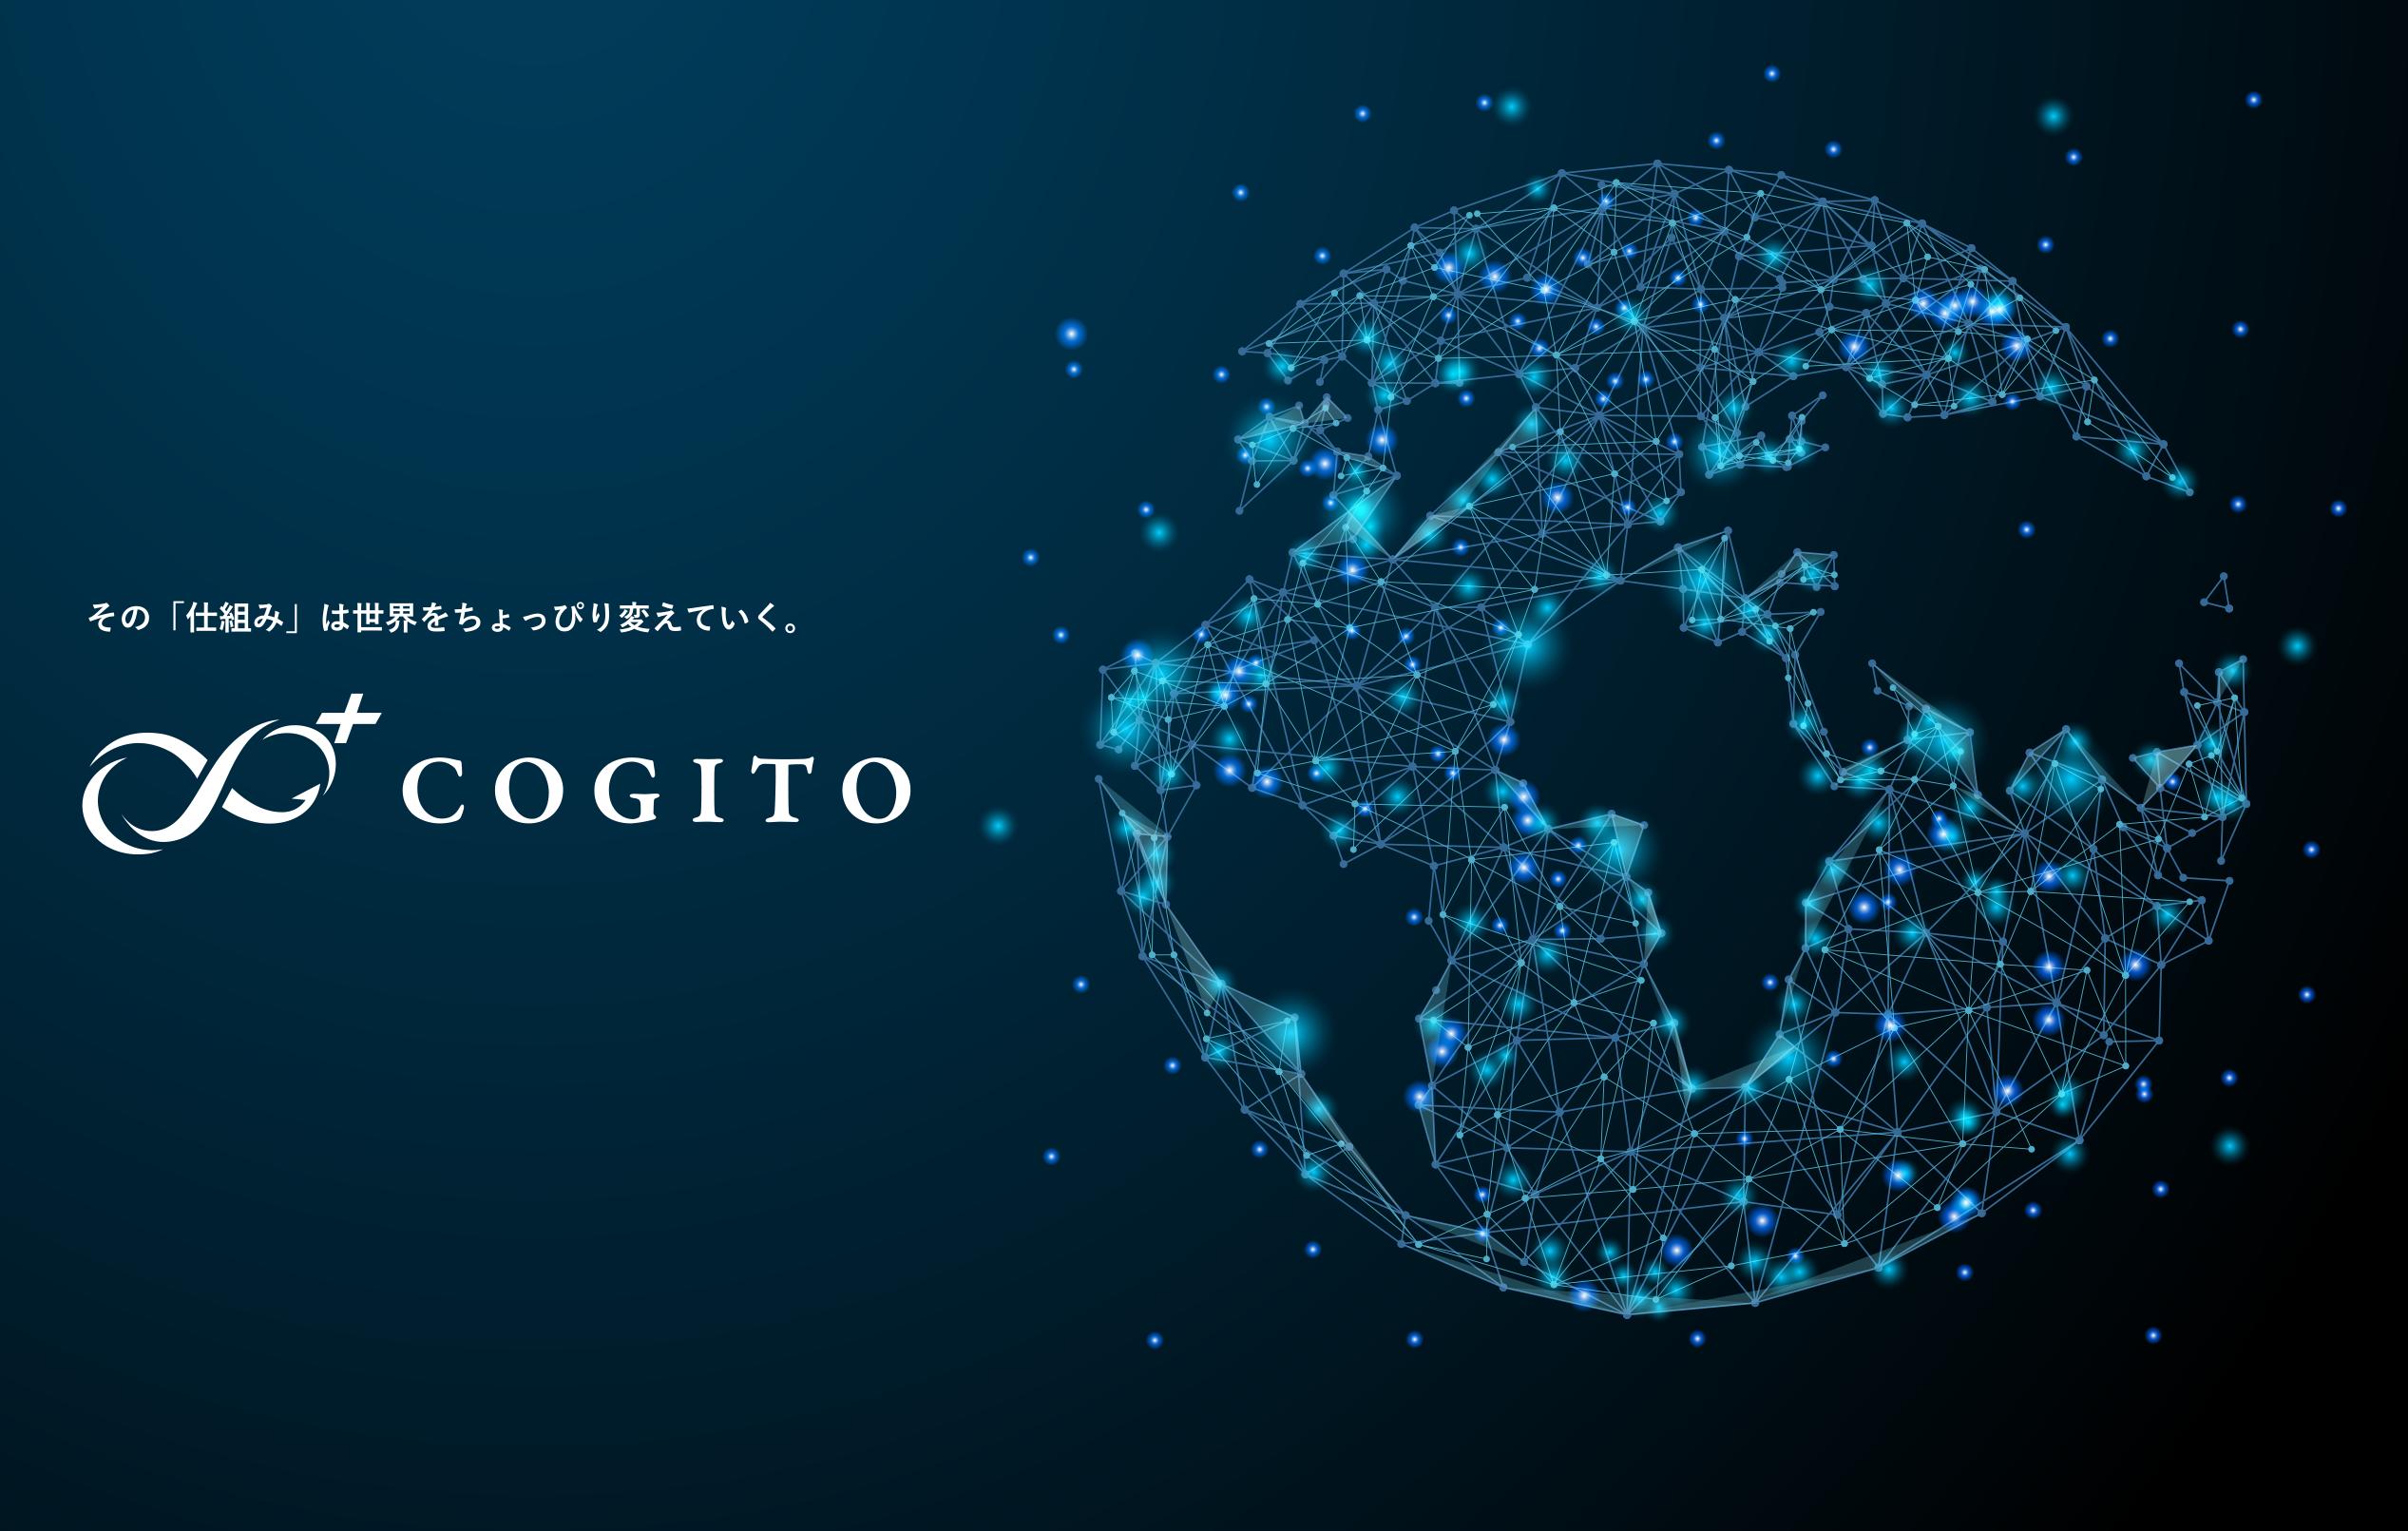 その「仕組み」は世界をちょっぴり変えていく。COGITO